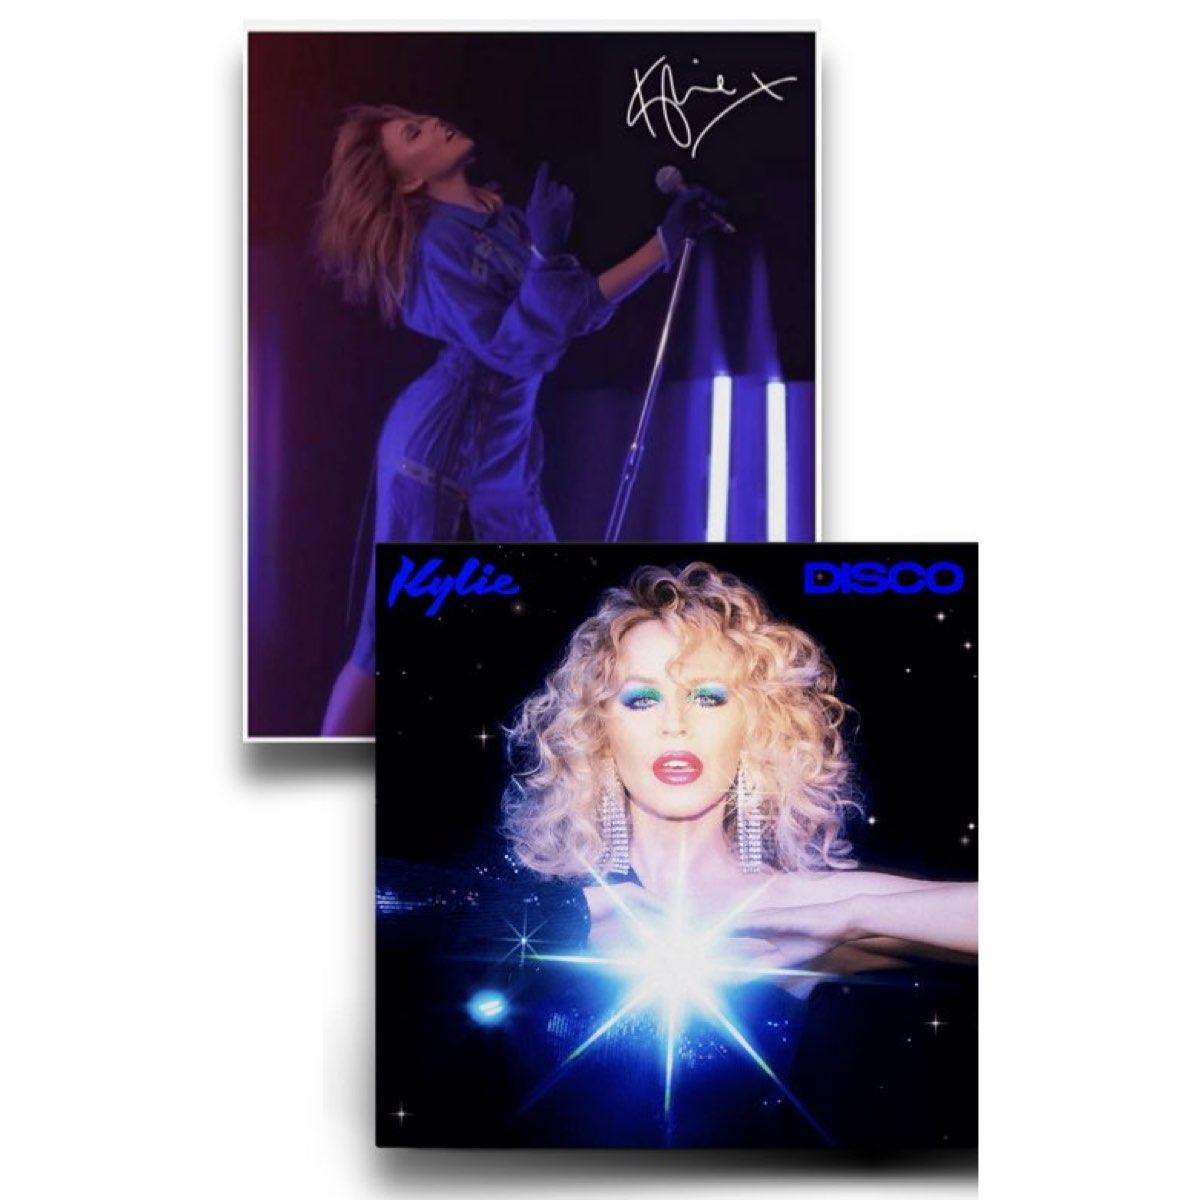 Kylie Minogue - DISCO [Edição Deluxe + Foto A4 Autografada]